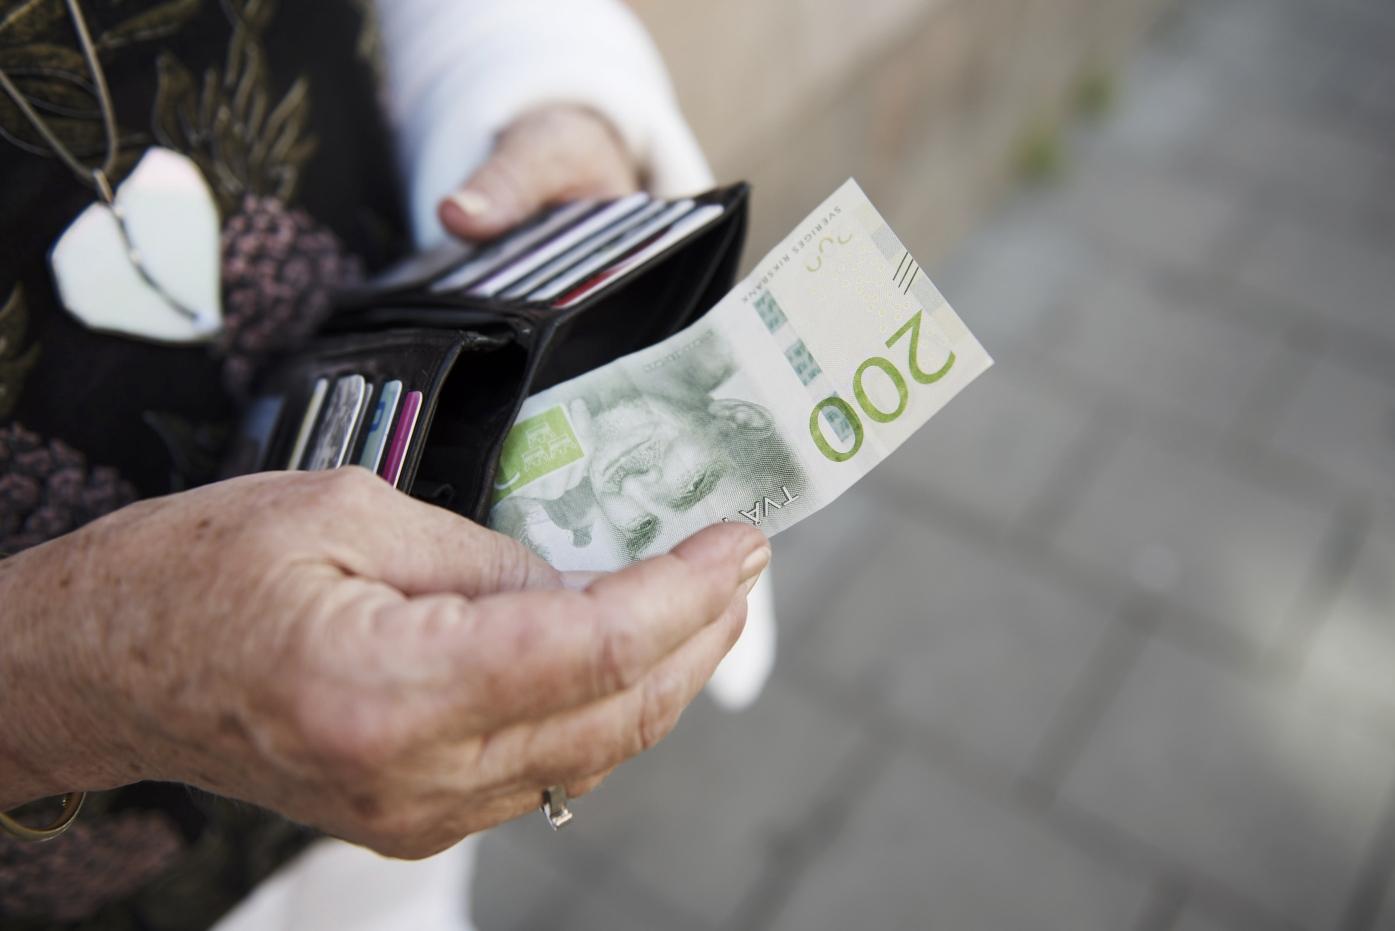 Farre kontanter i omlopp